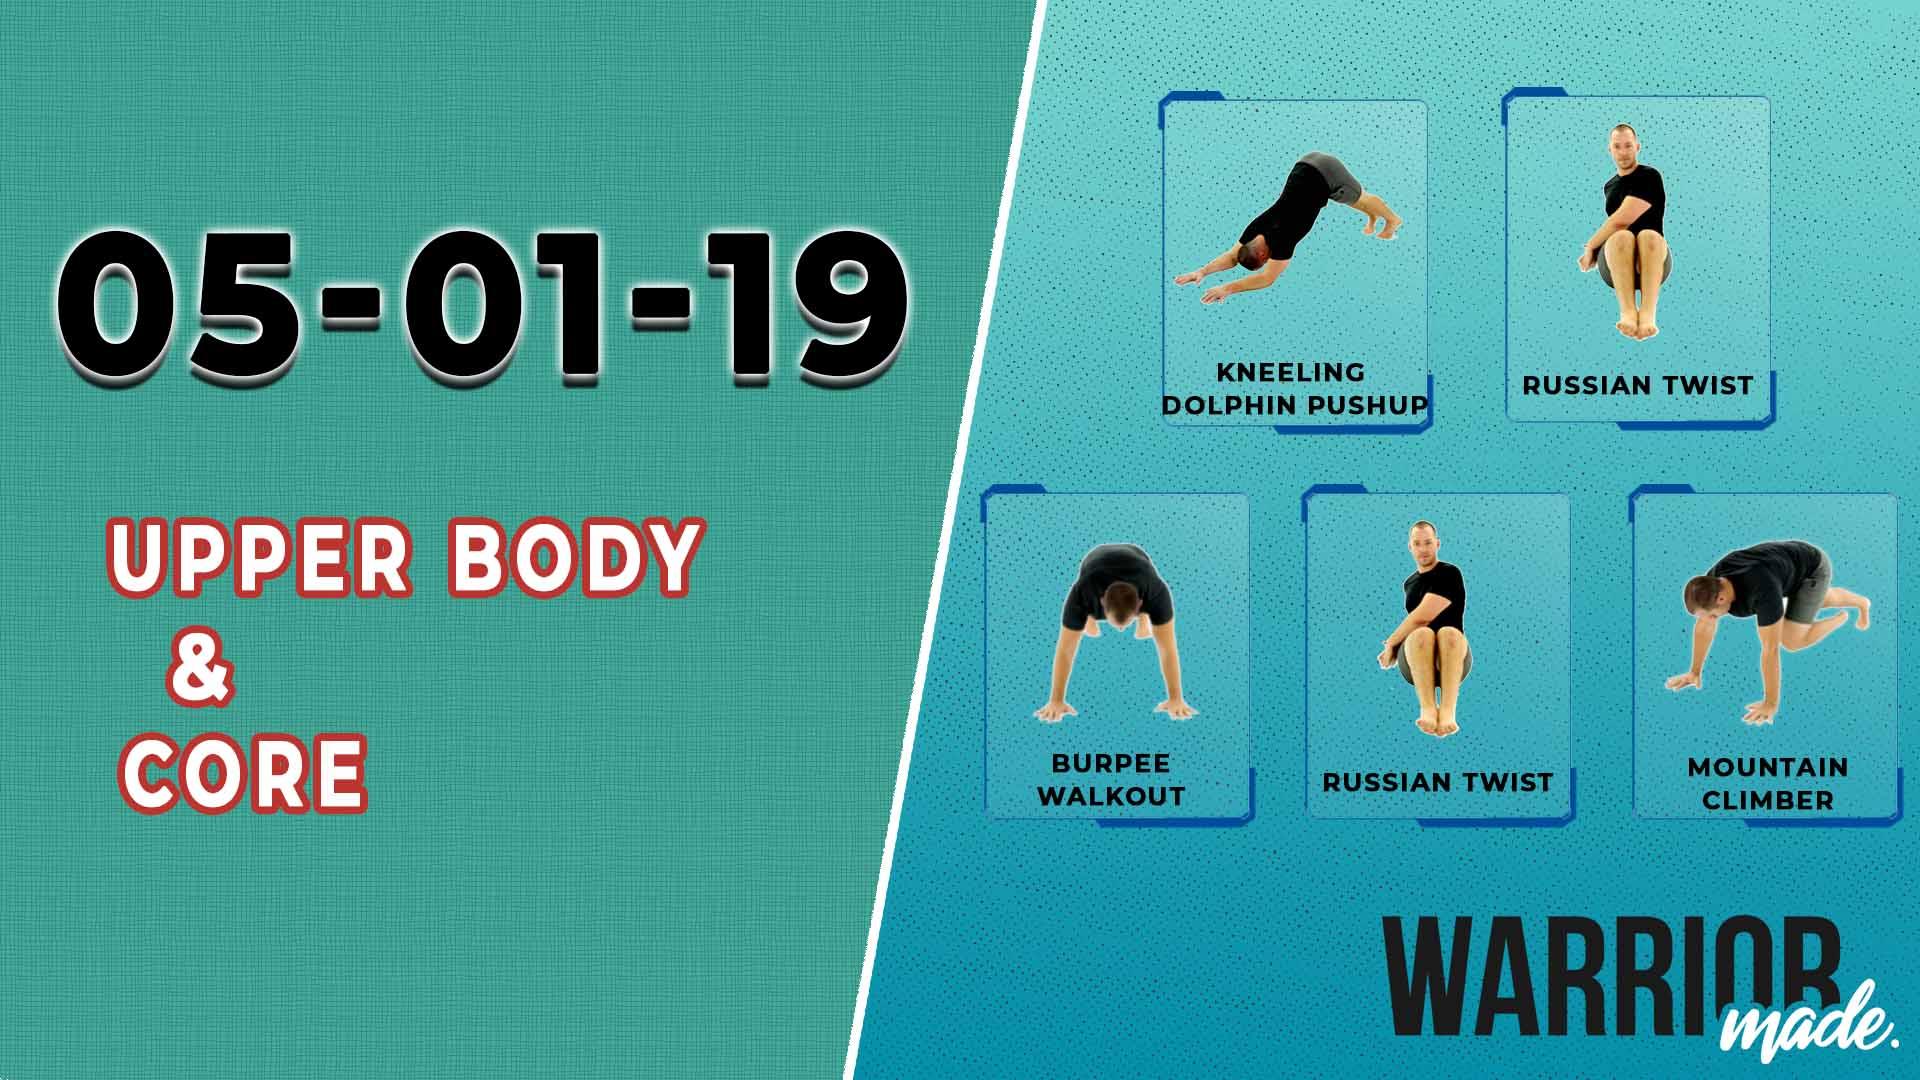 workouts-05-01-19